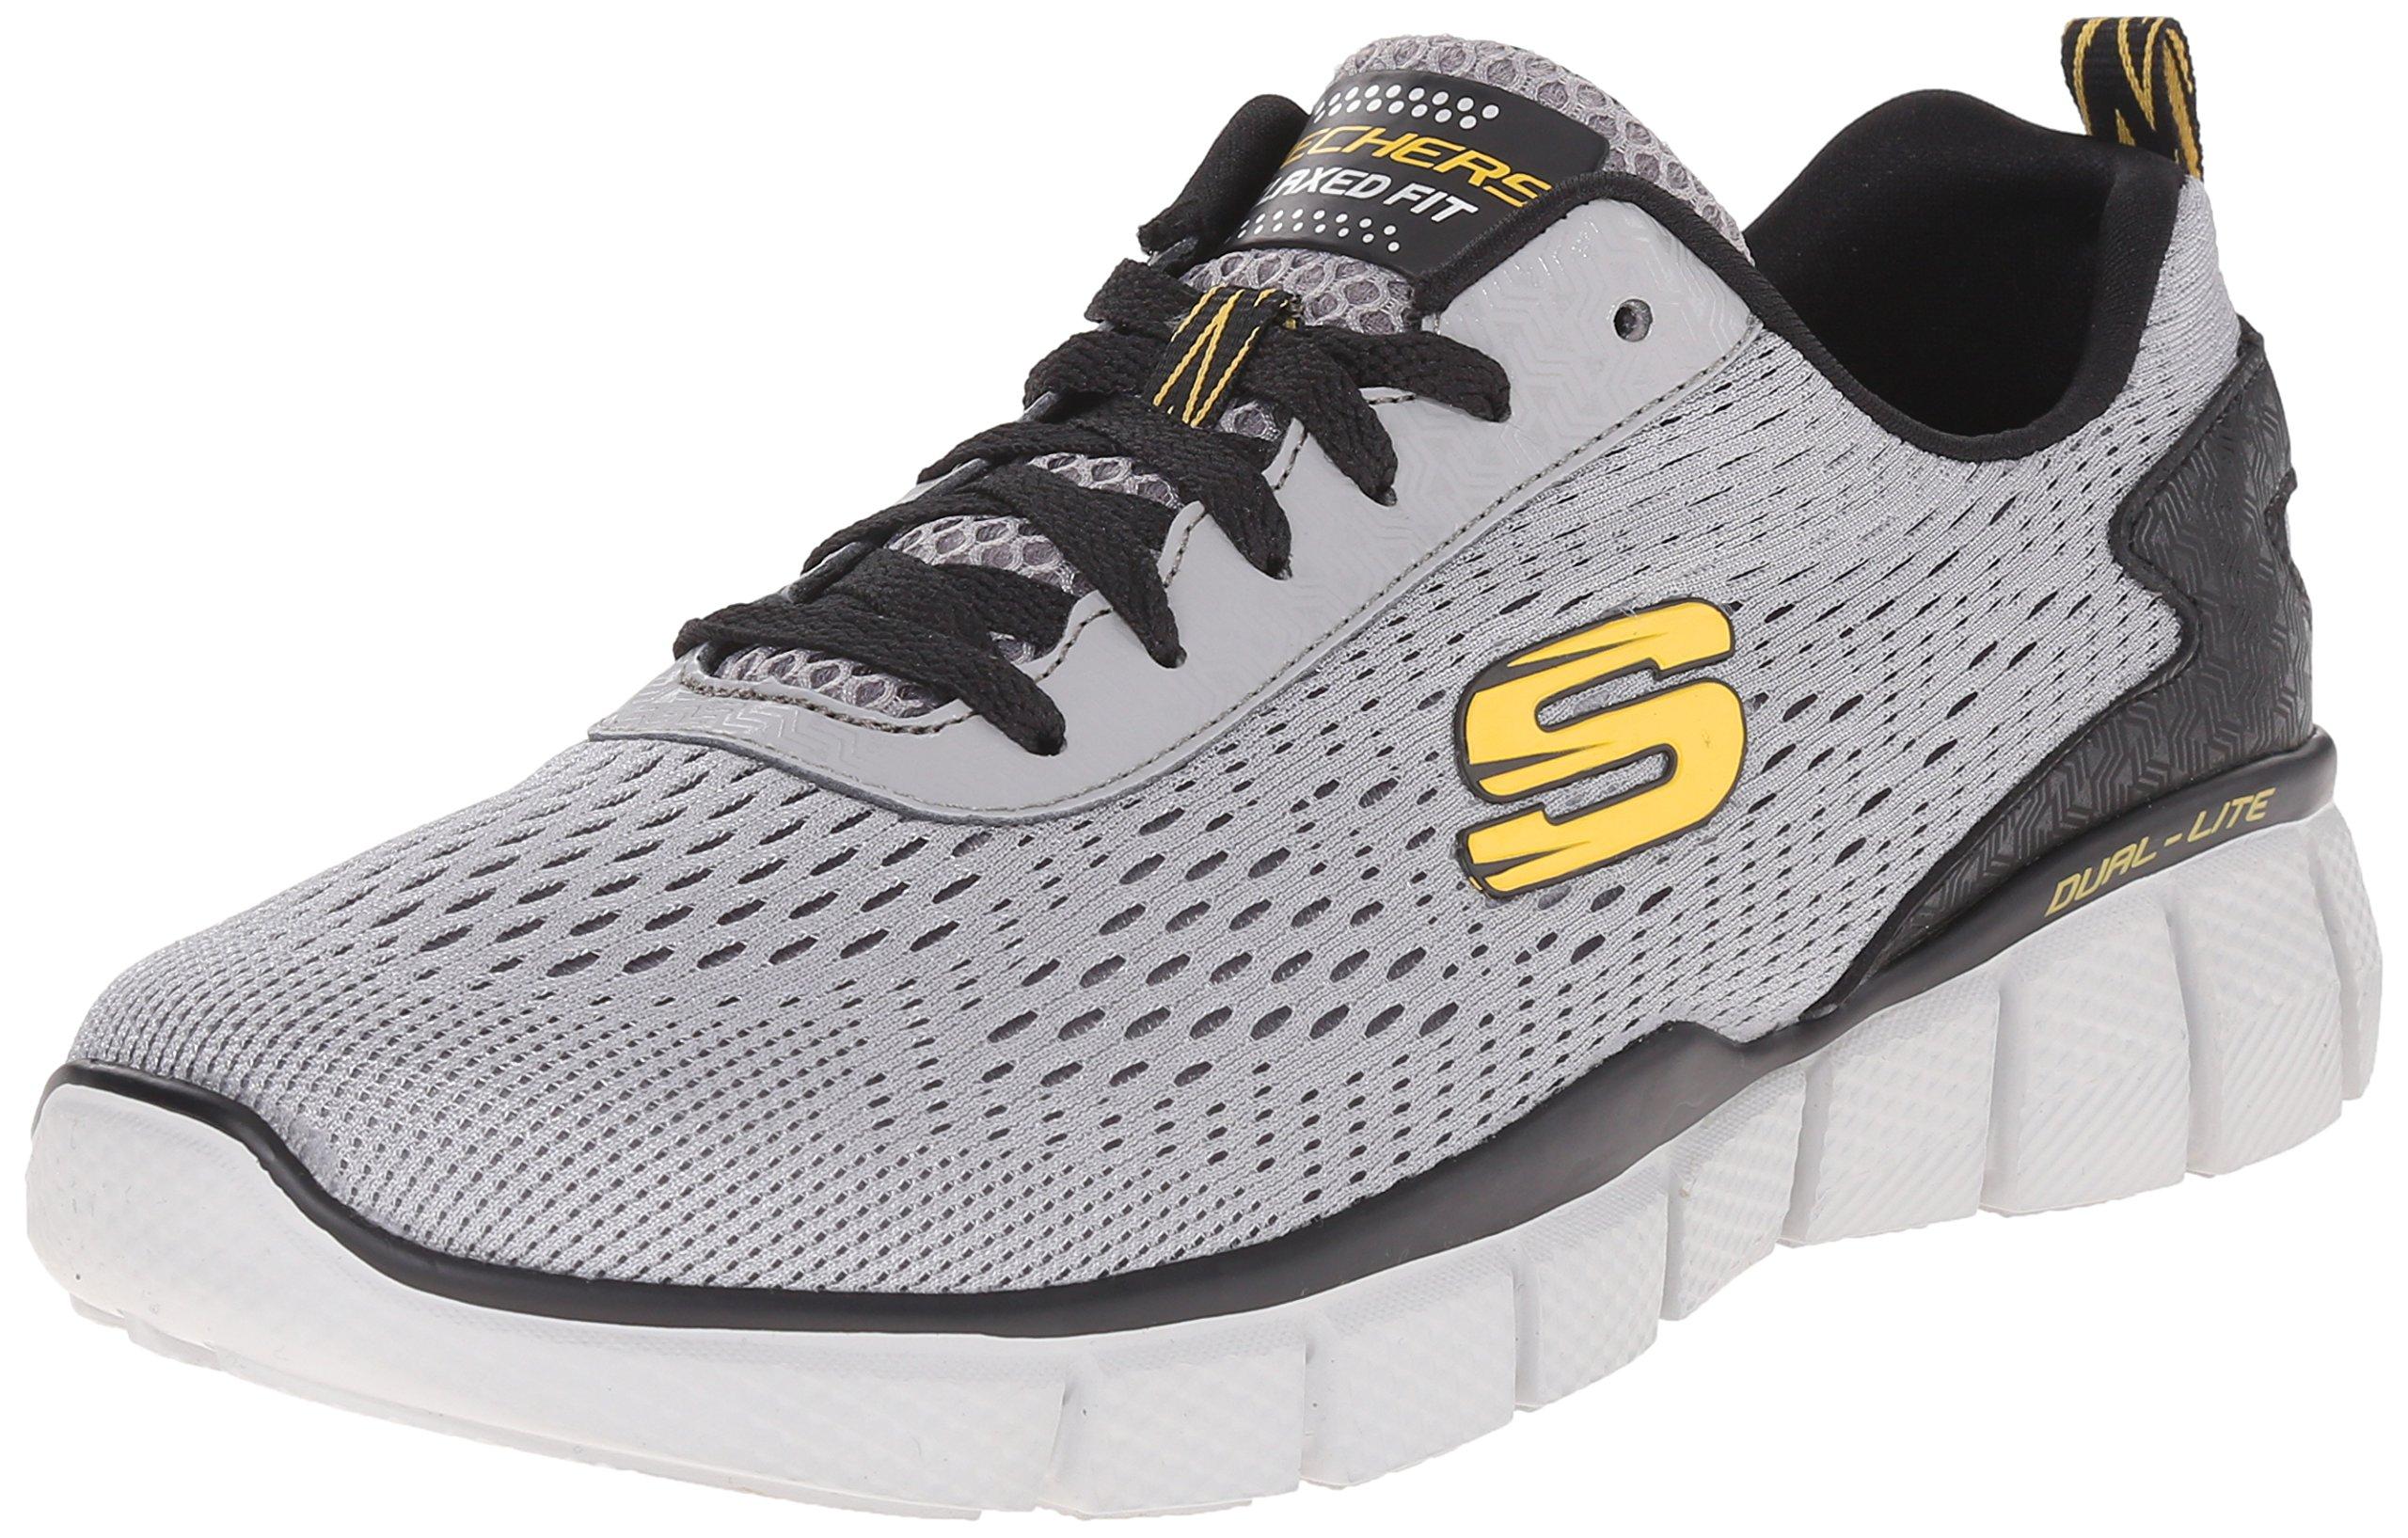 Skechers Equalizer Settle The Score Men's Trainers Sneaker GYYL, Shoe Size:EUR 39